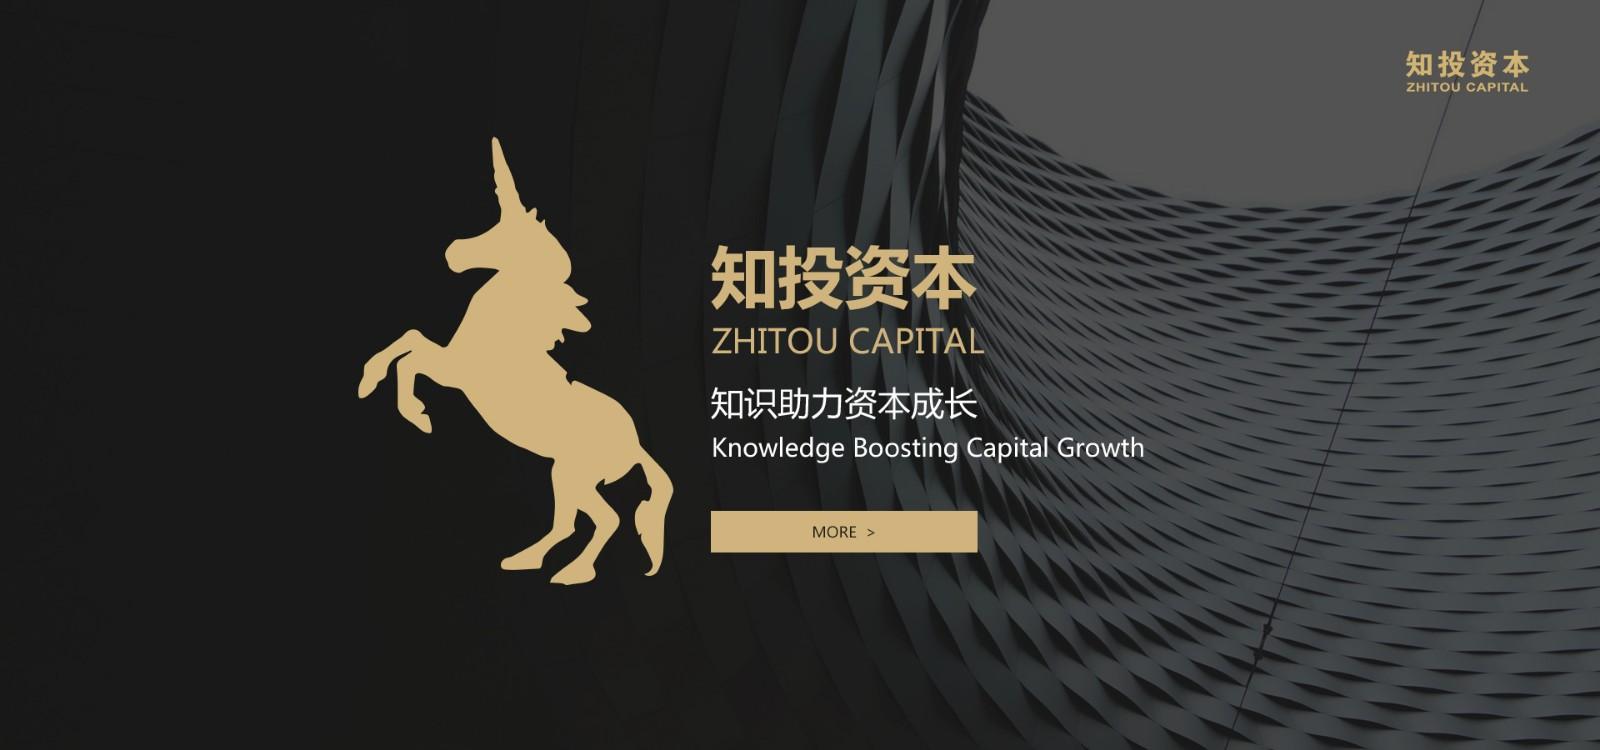 创业投资基金/企业融资方法/知投网